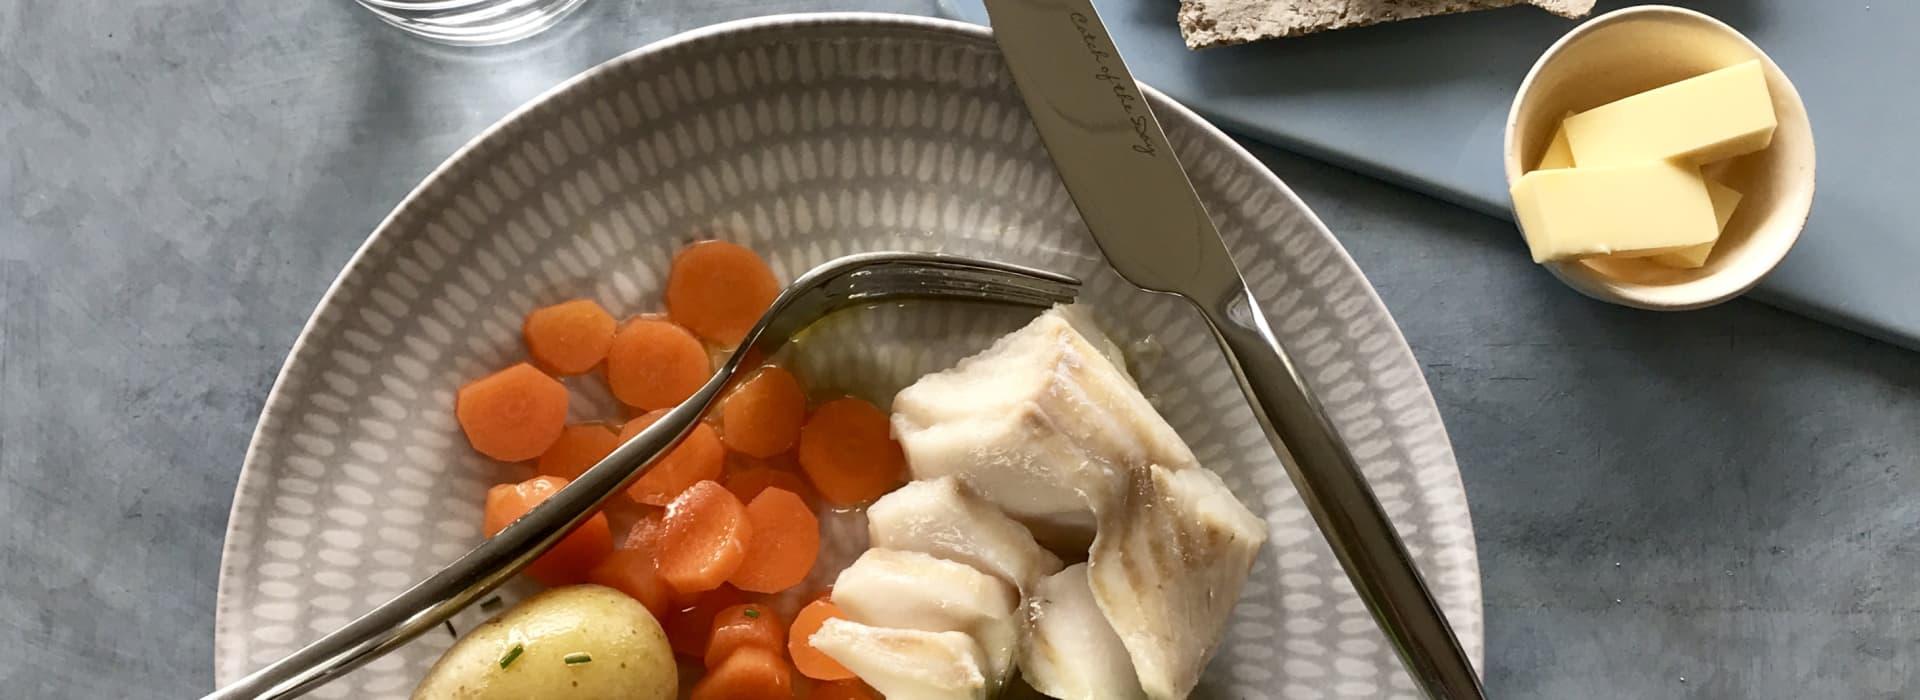 Torsk med ertepuré, gulrot, poteter og flatbrød